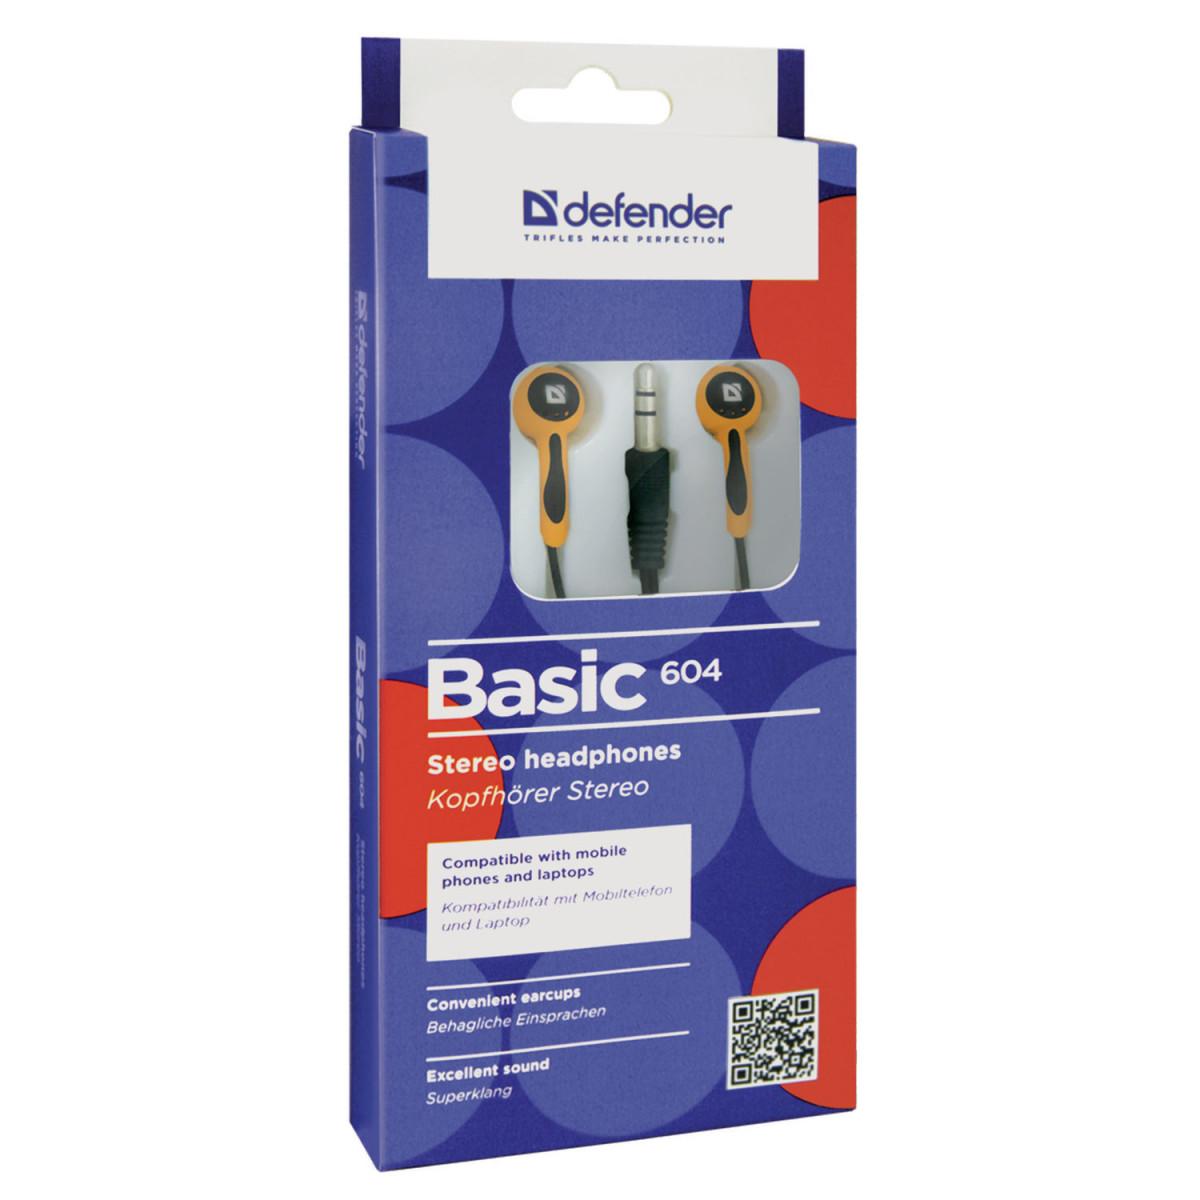 Наушники DEFENDER Basic 604, проводные, 1,2 м, вкладыши, черные с оранжевым, 63606 (арт. 63606)